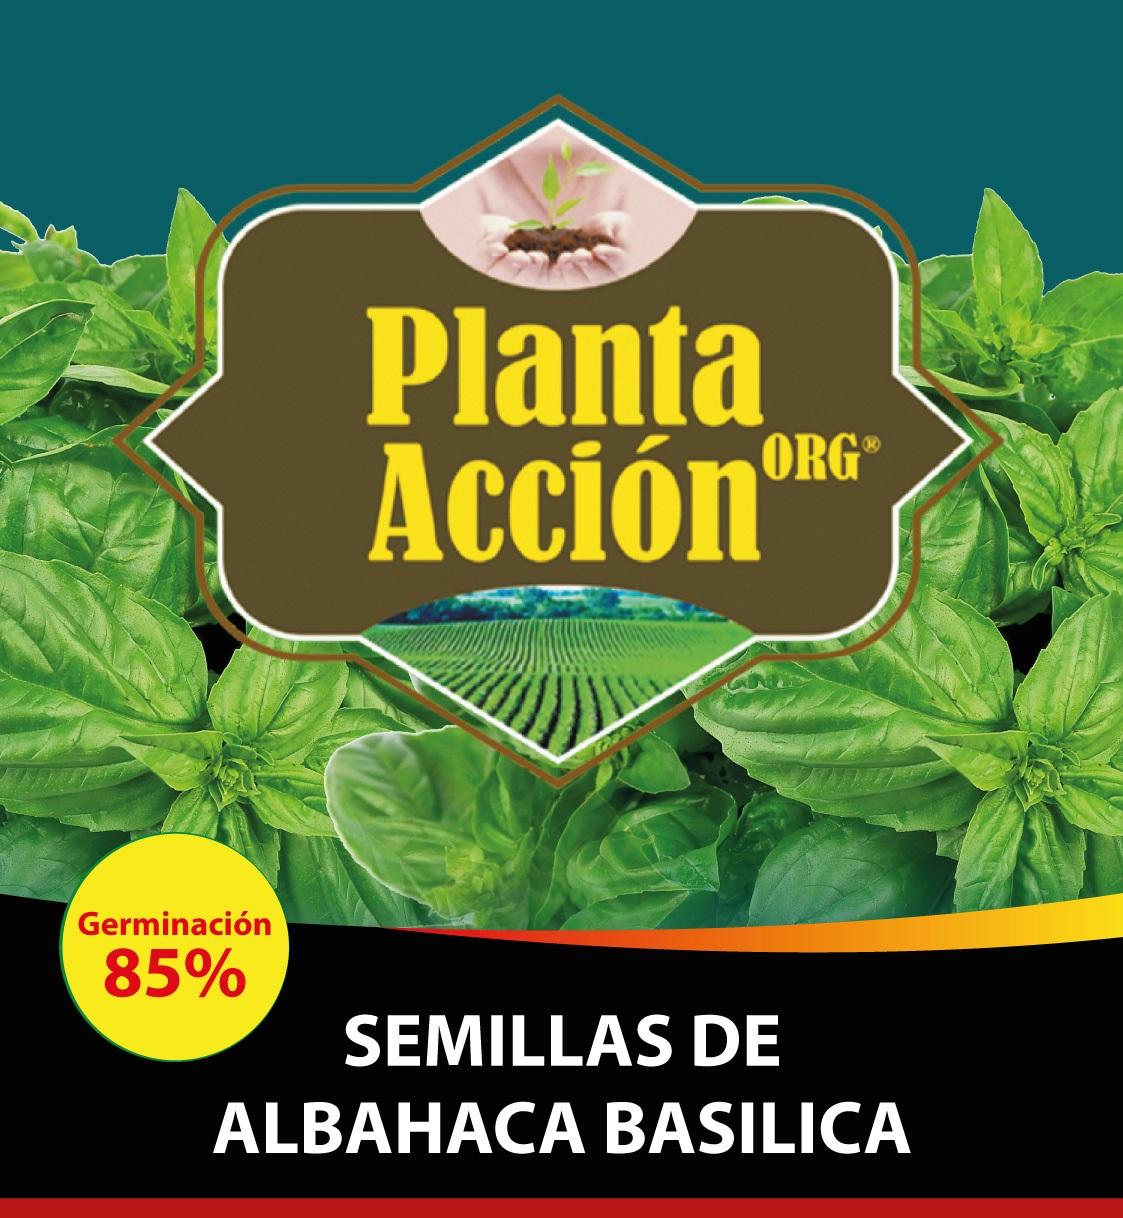 SEMILLAS DE ALBAHACA BASILICA